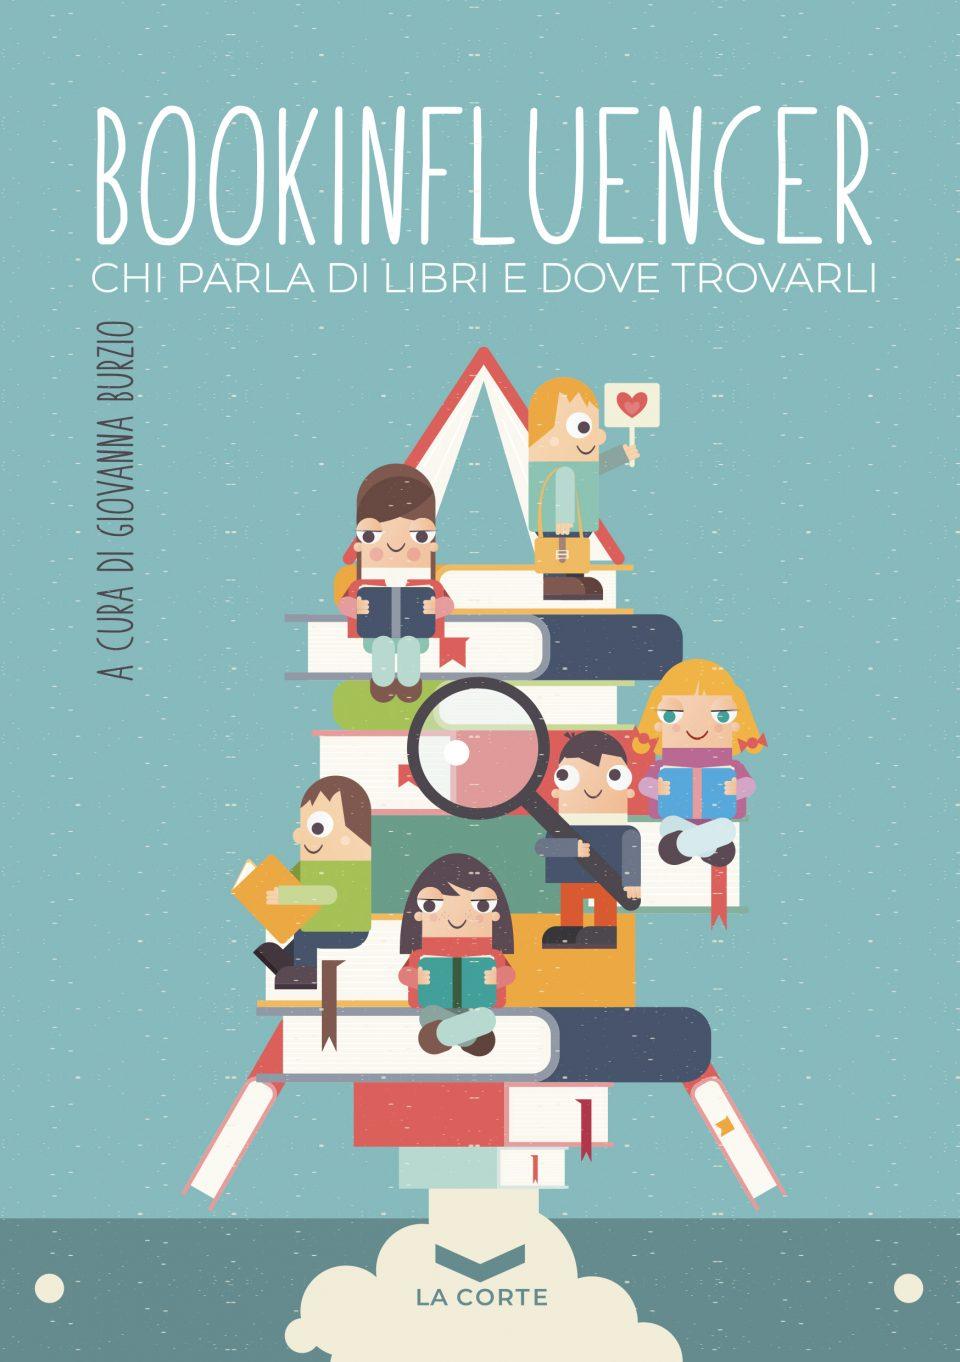 Bookinfluencer: chi parla di libri e dove trovarli